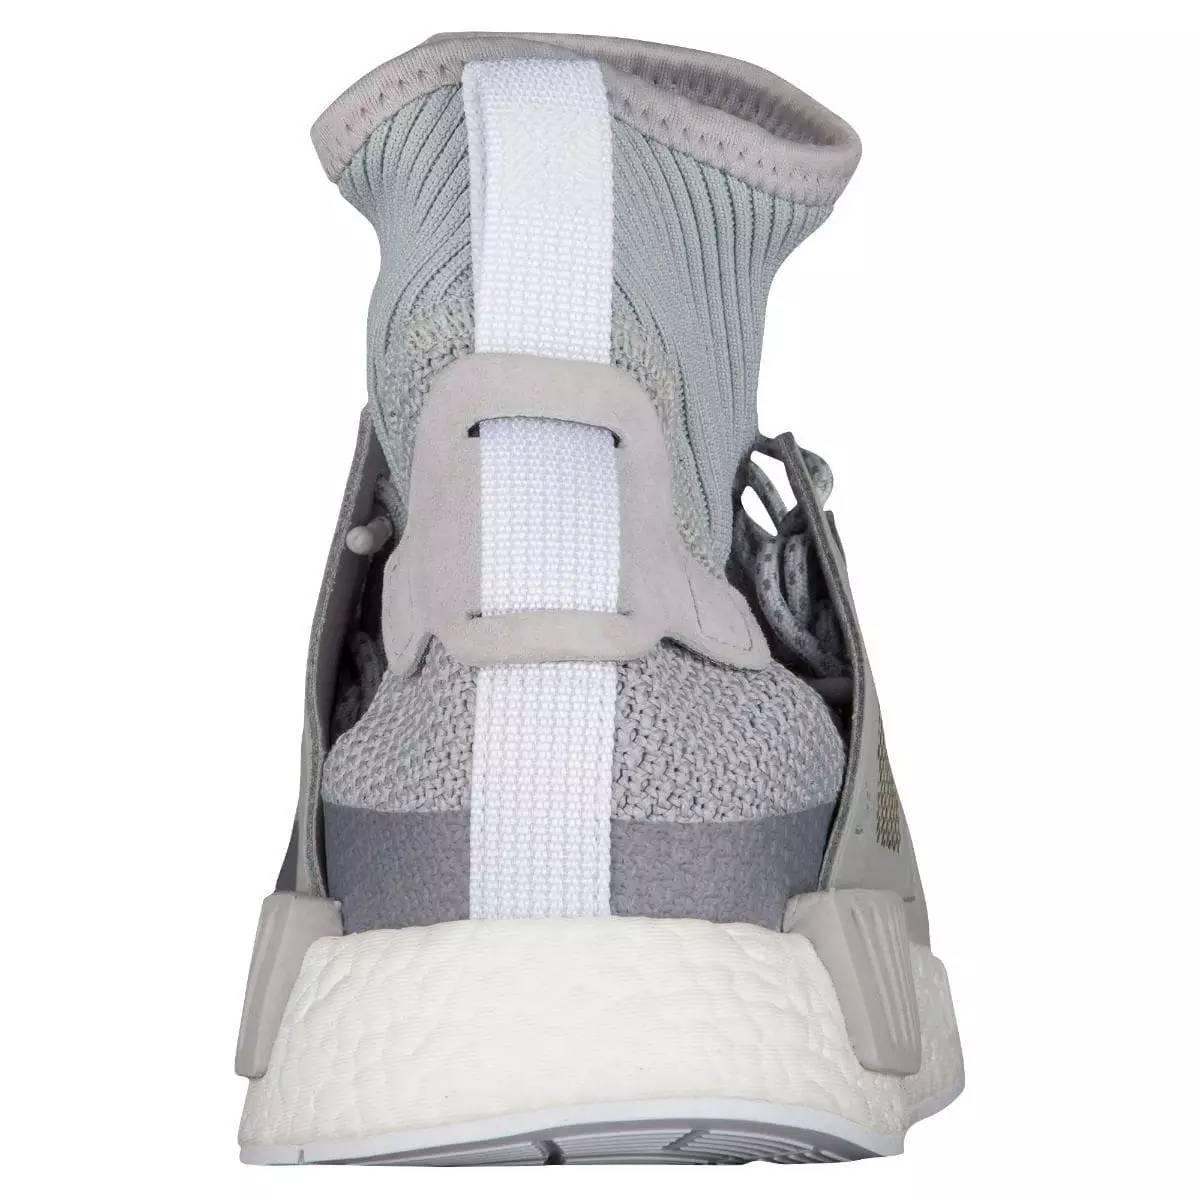 中筒袜套设计 adidas nmd xr1 秋冬款提前曝光